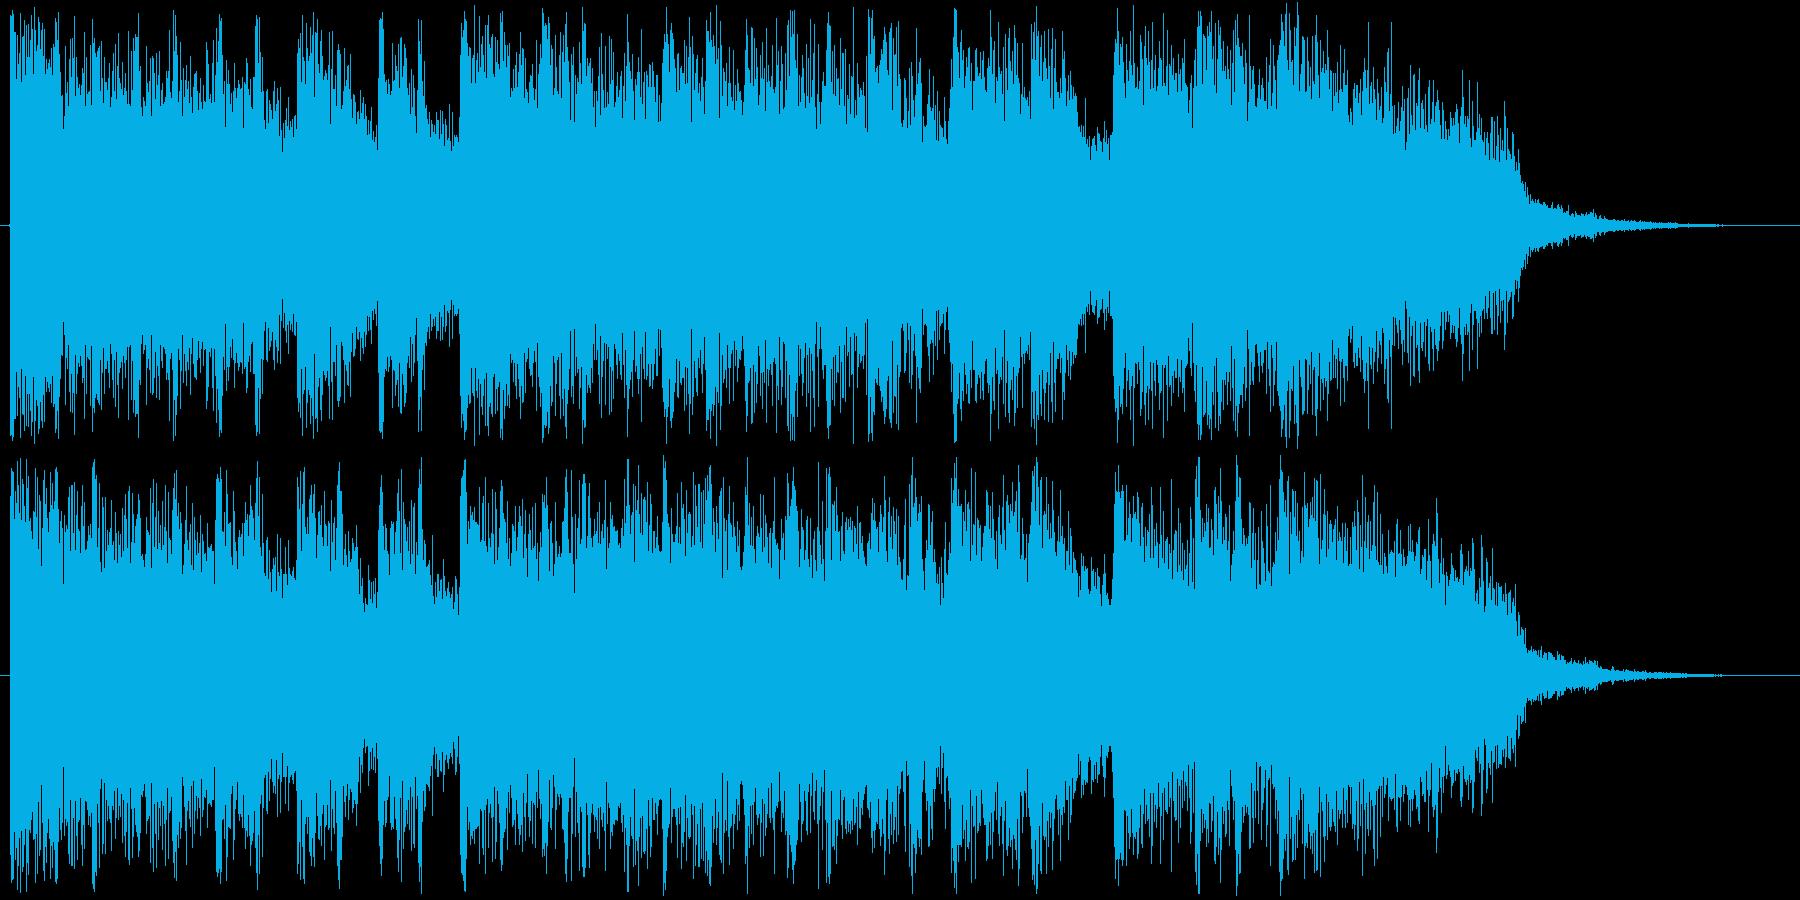 アイドル系アニメのようなROCKジングルの再生済みの波形